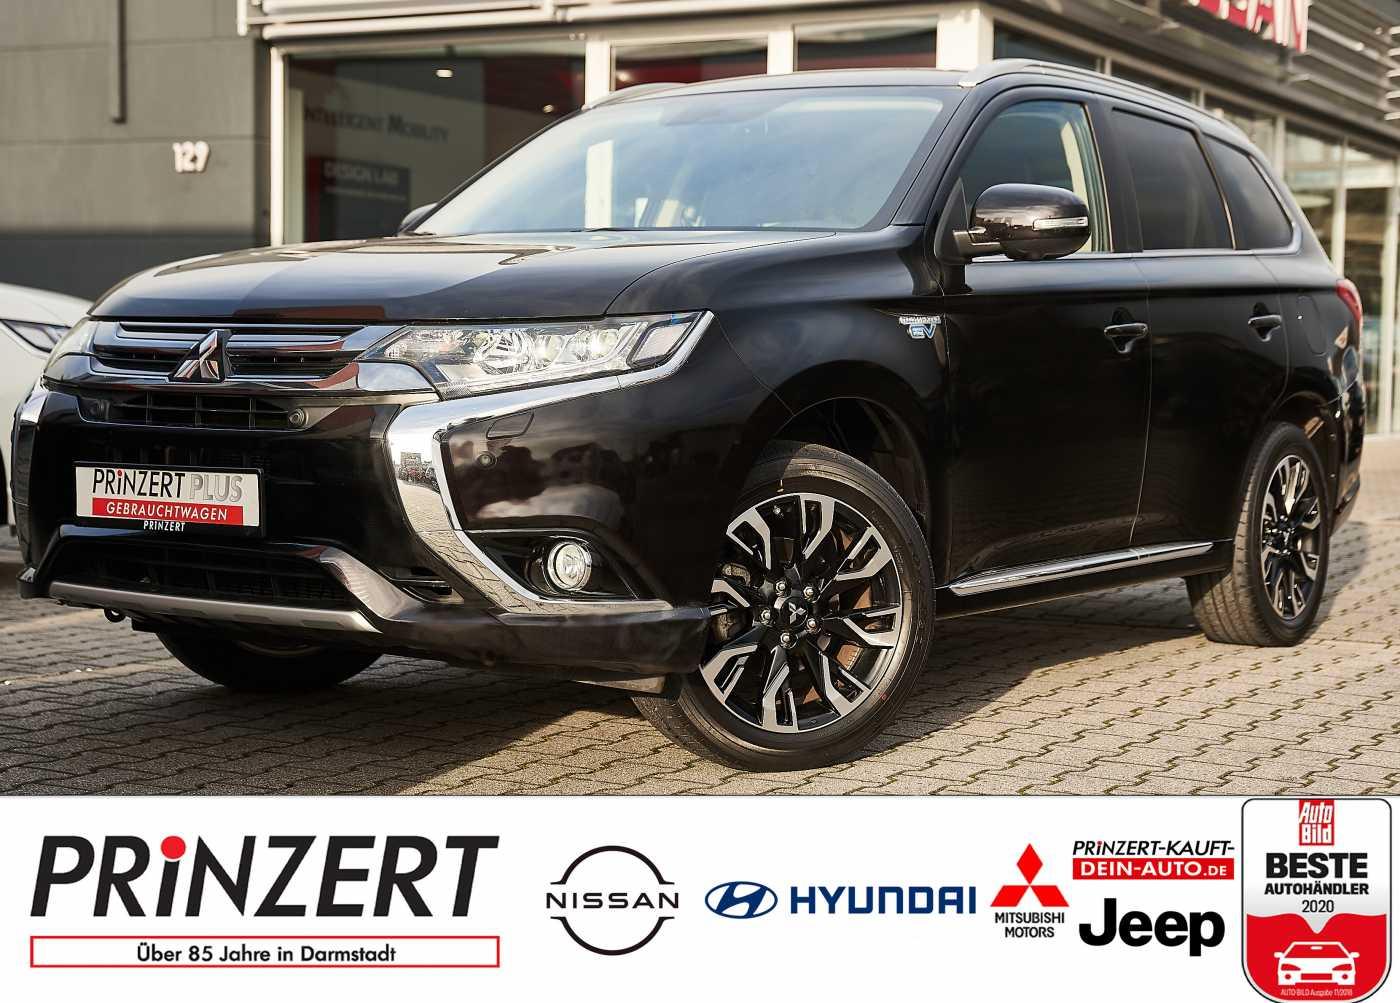 Mitsubishi Plug-in Hybrid Outlander 2.0 4WD CVT 'TOP' 8-Fach, Jahr 2017, Hybrid